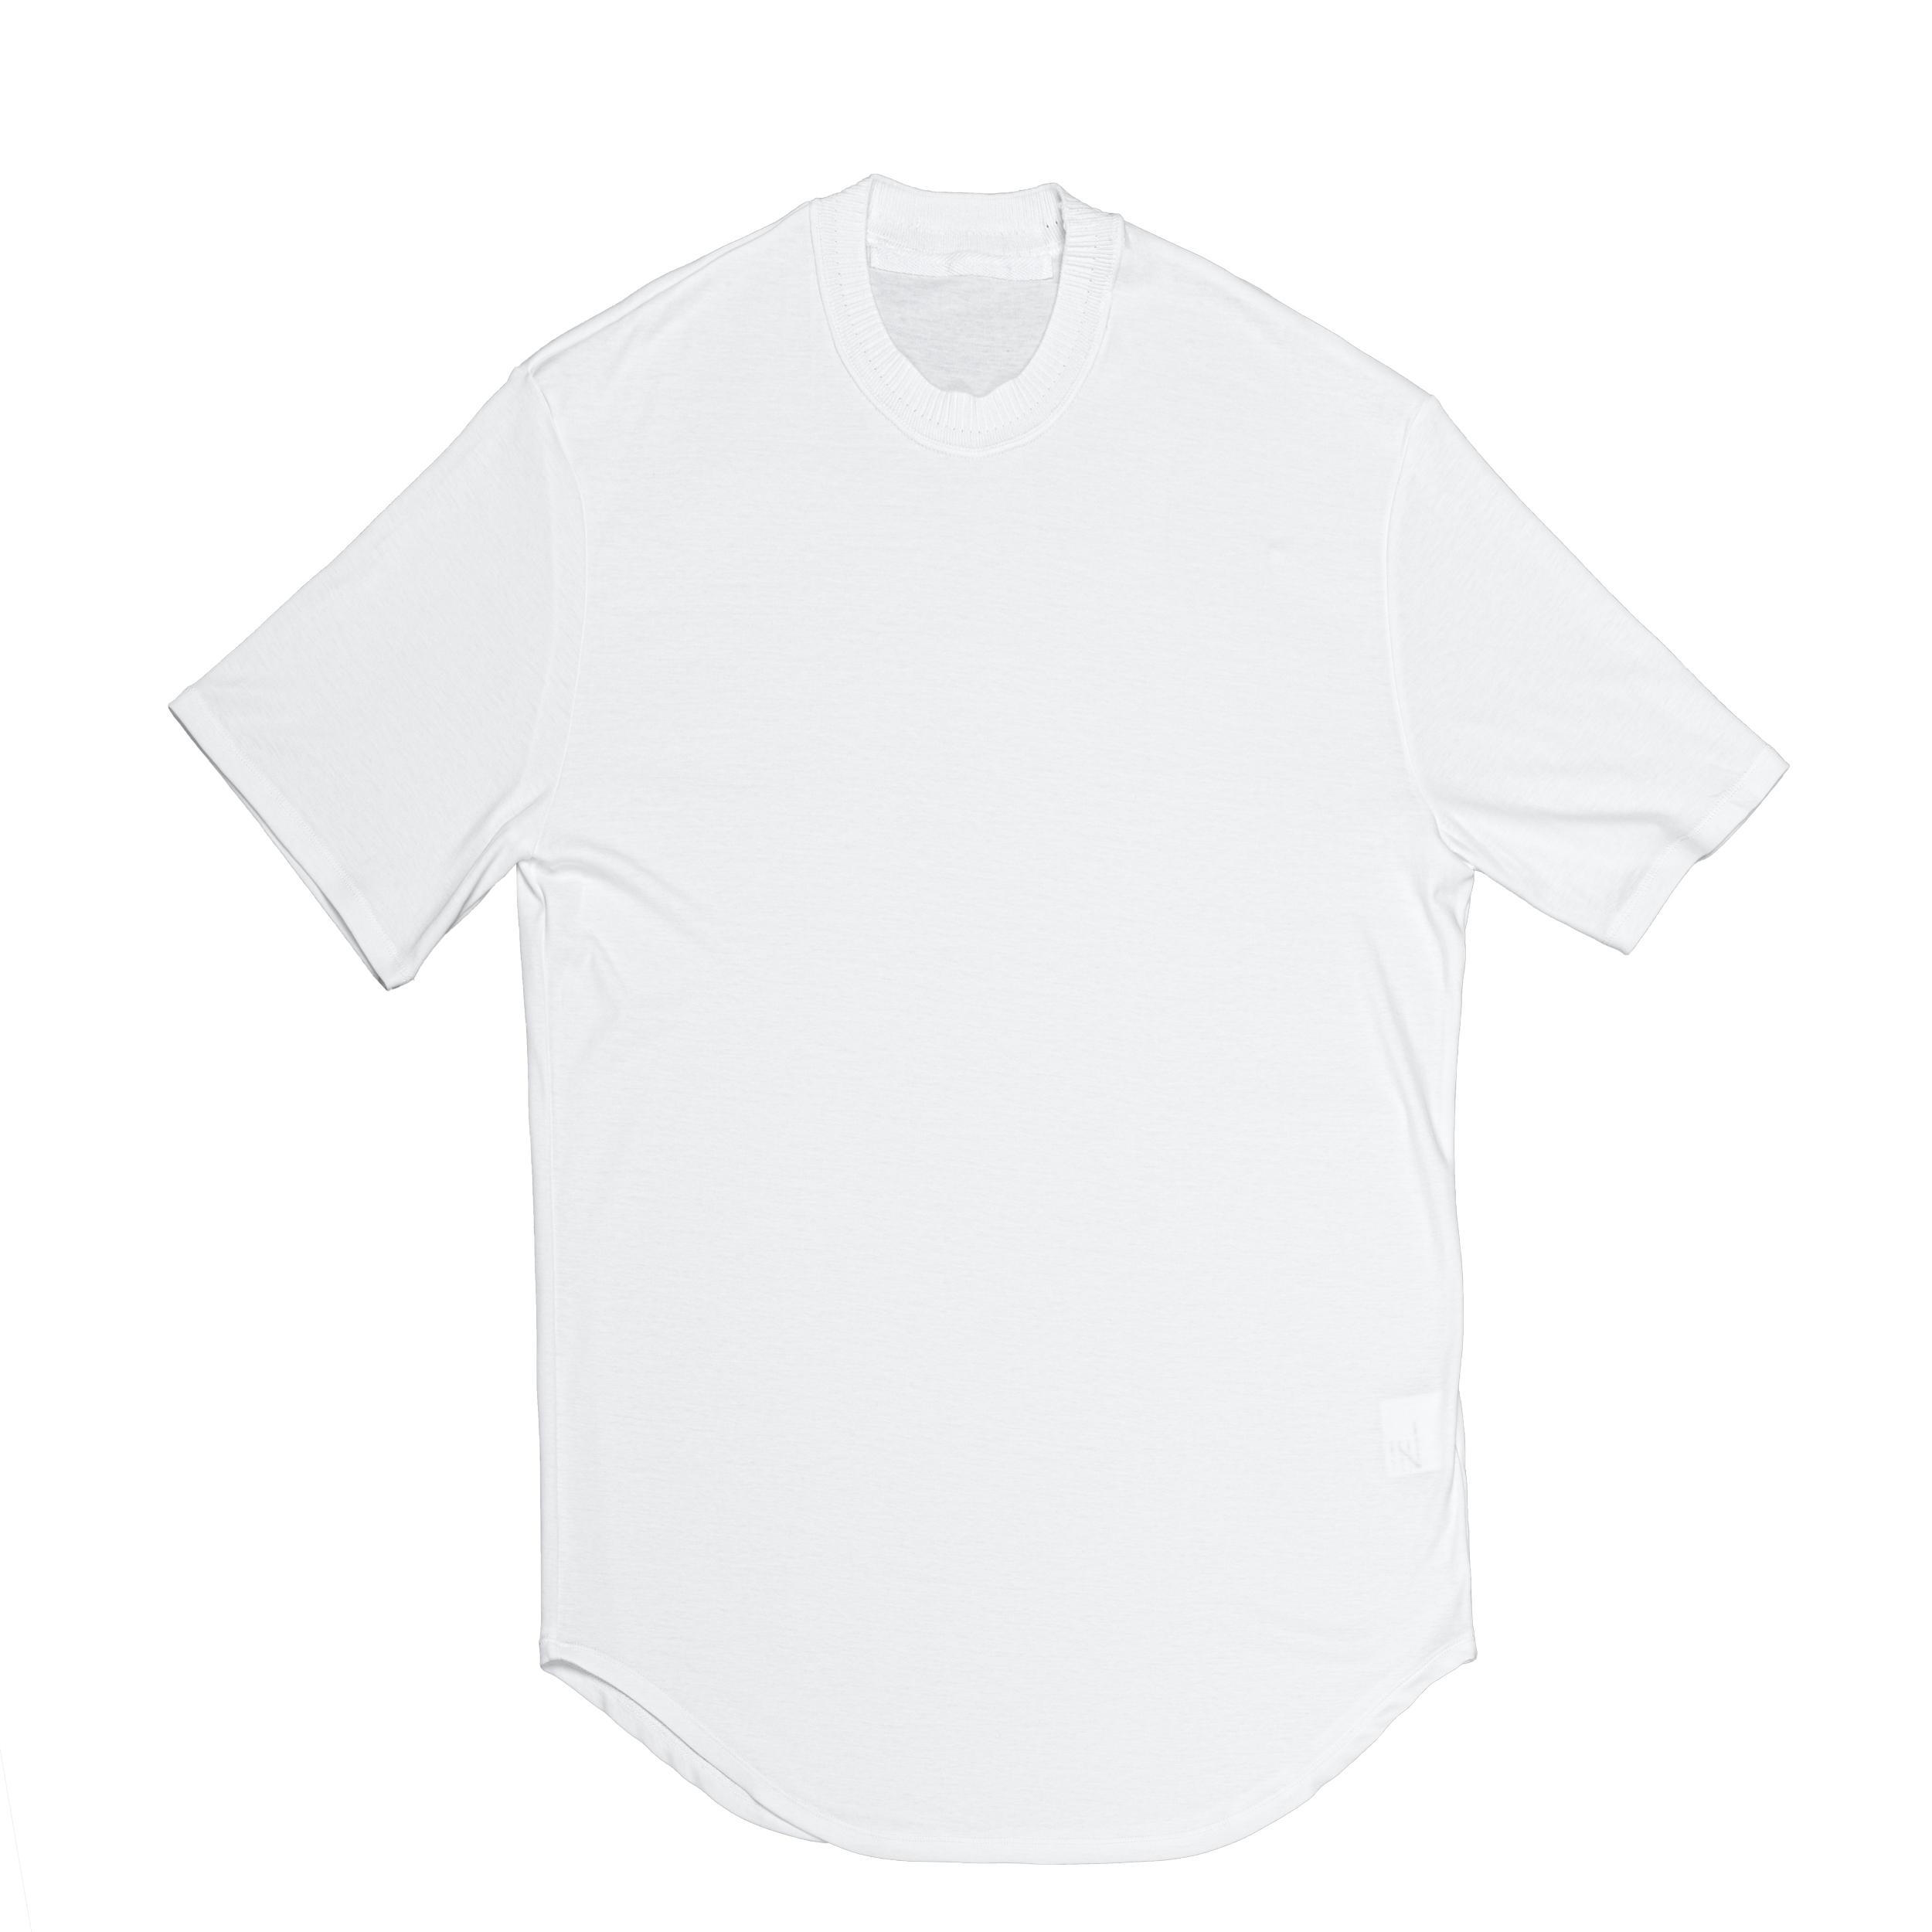 667CUM8-OFF / ラウンドTシャツ